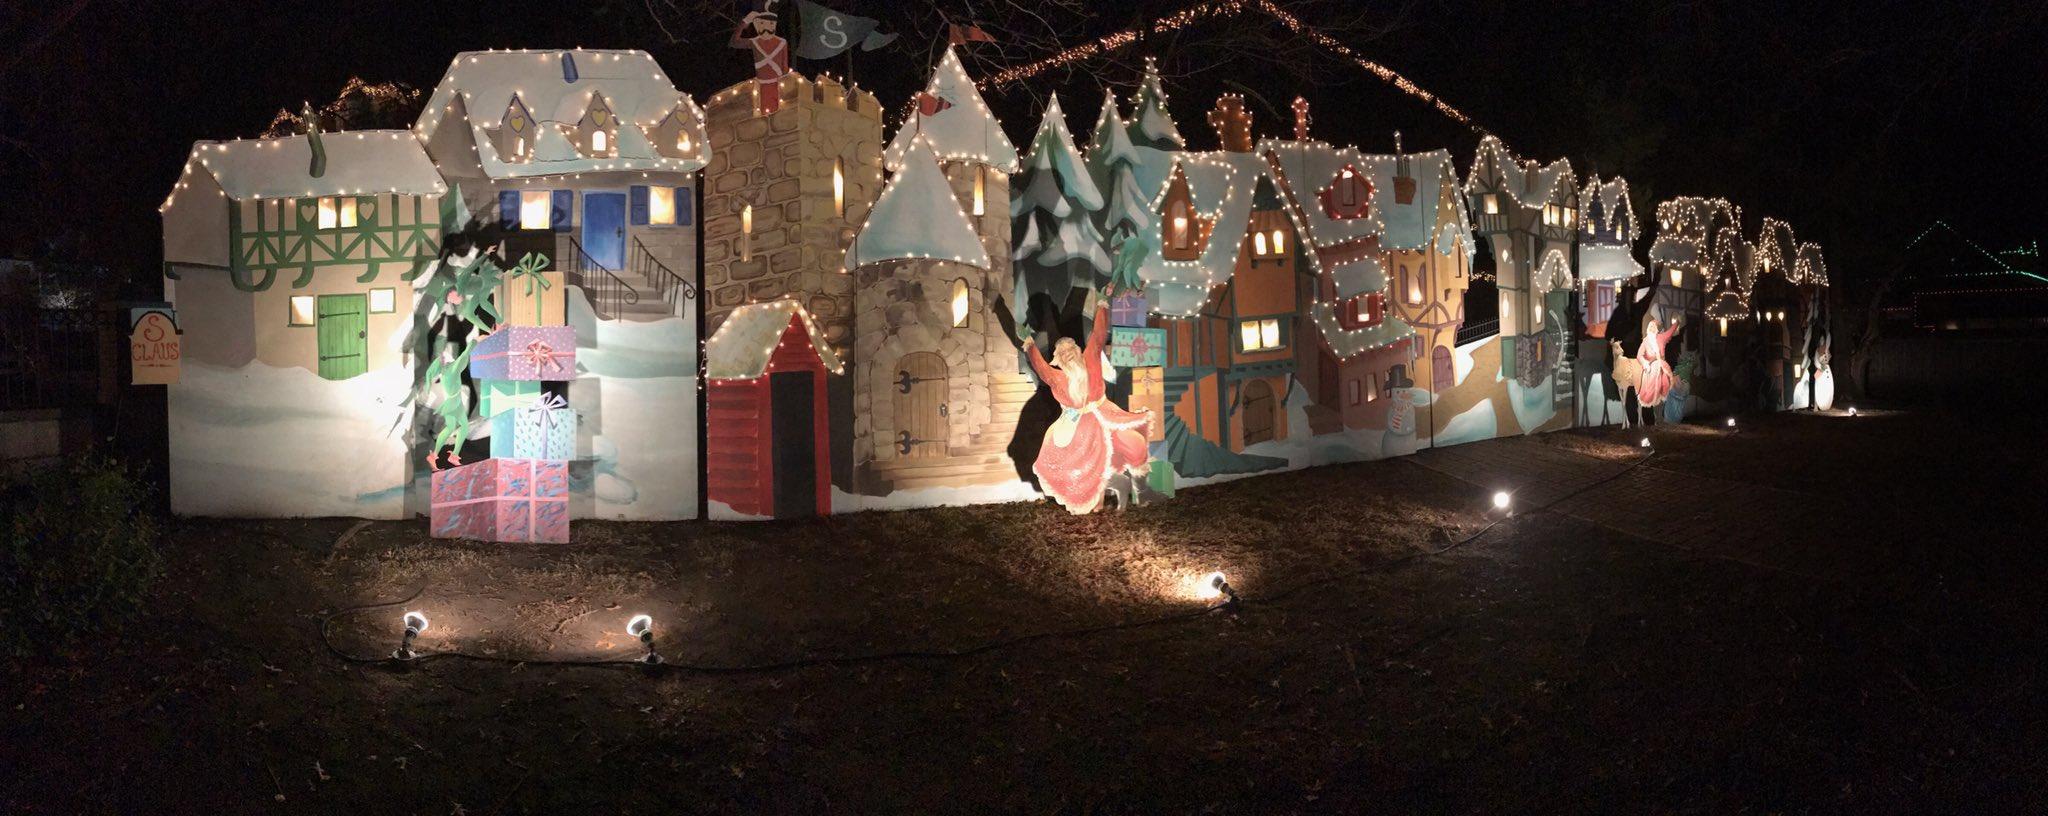 Kirstie Alley Decorates Wichita House With Movie Set